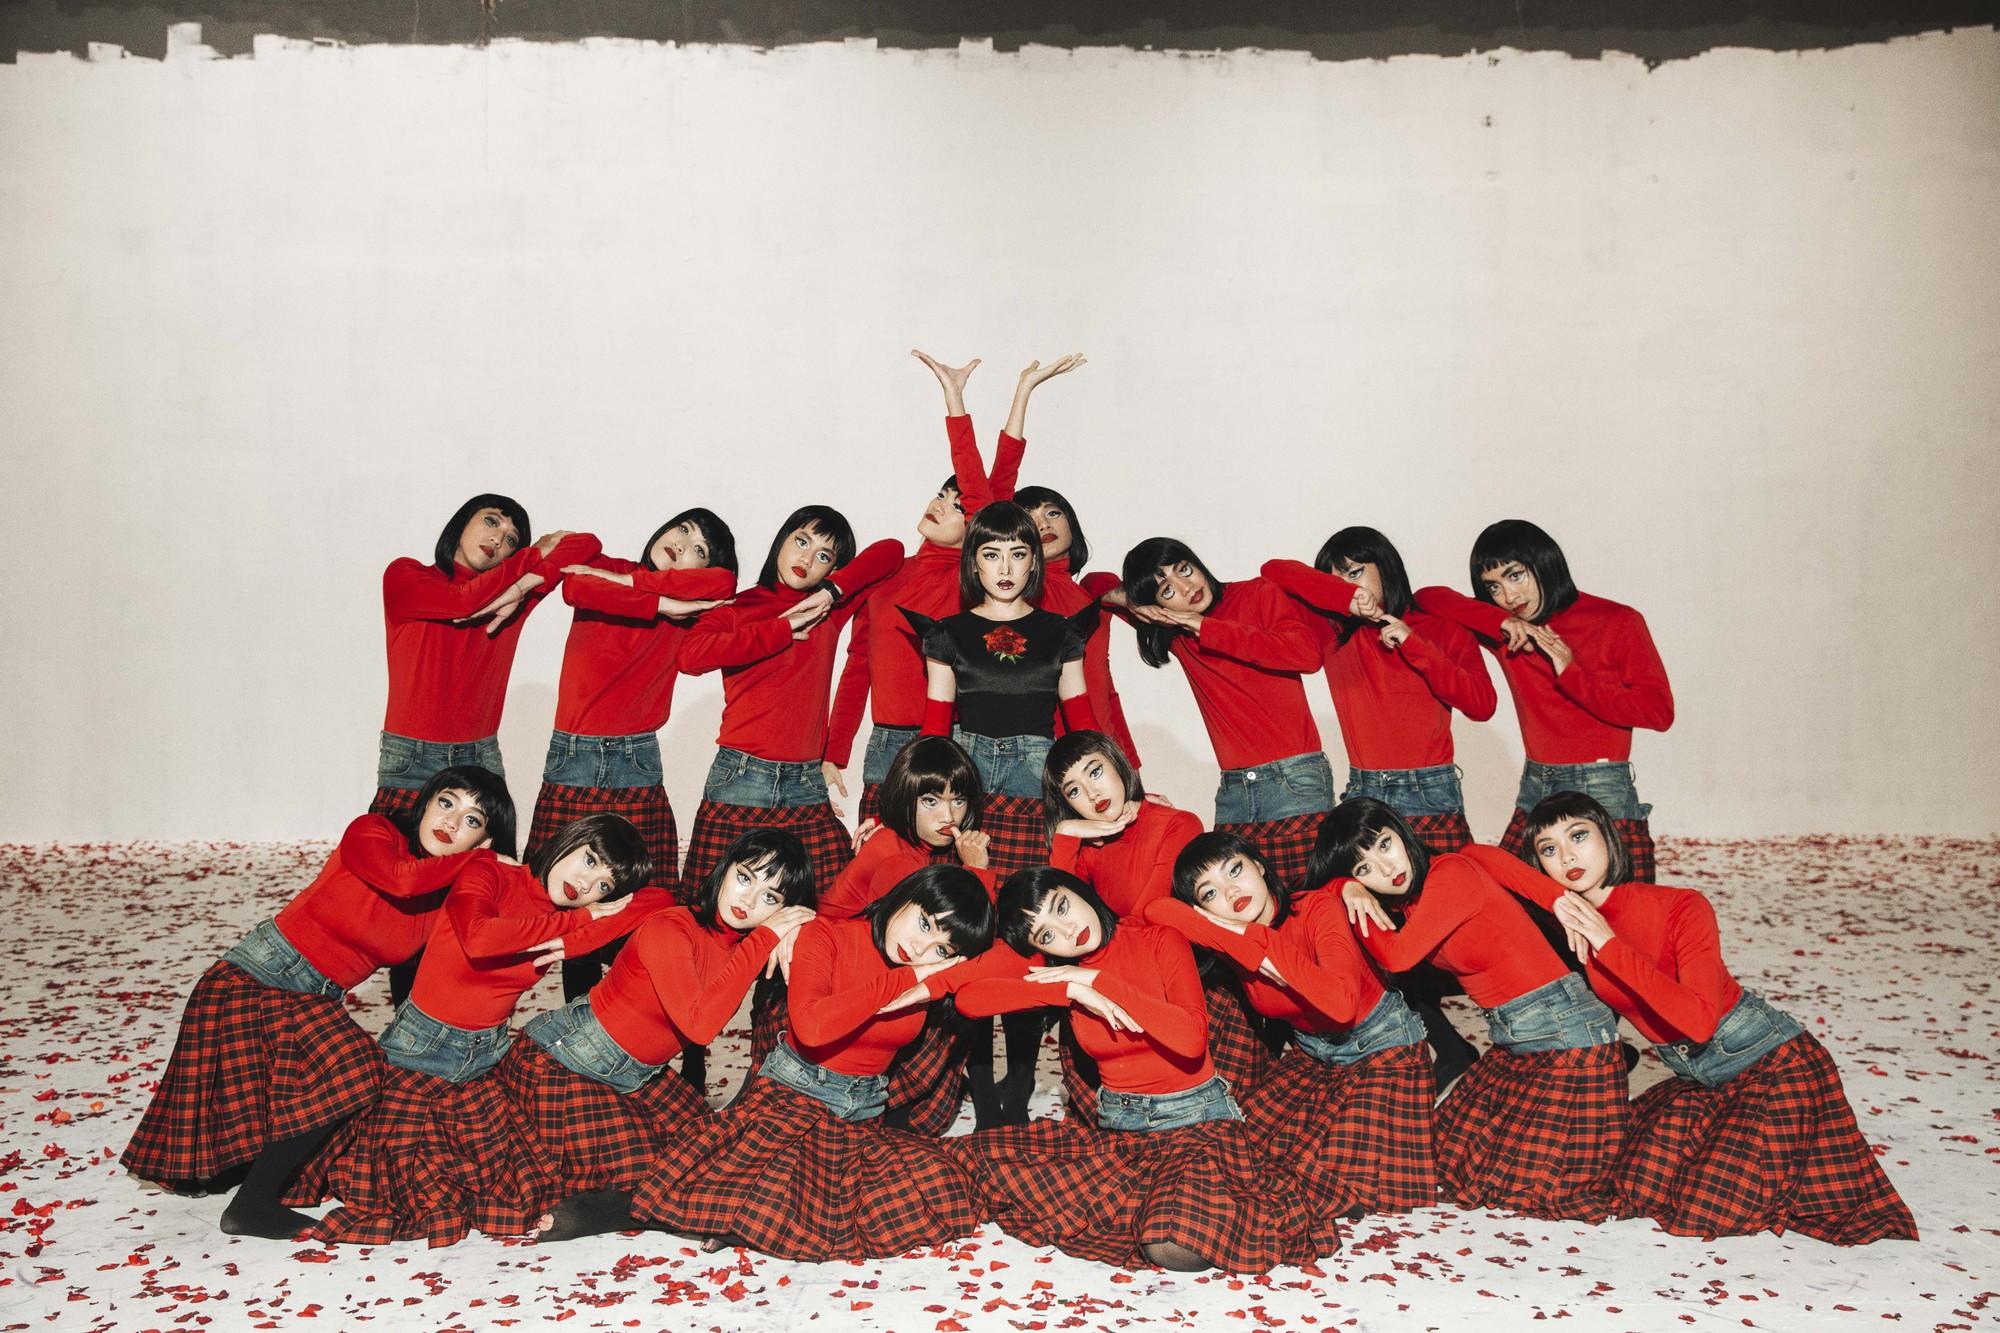 Chi Pu tung MV Dance lạ mắt với vũ đạo độc đáo, thực hiện 2 phiên bản cho sản phẩm trở lại - Ảnh 12.